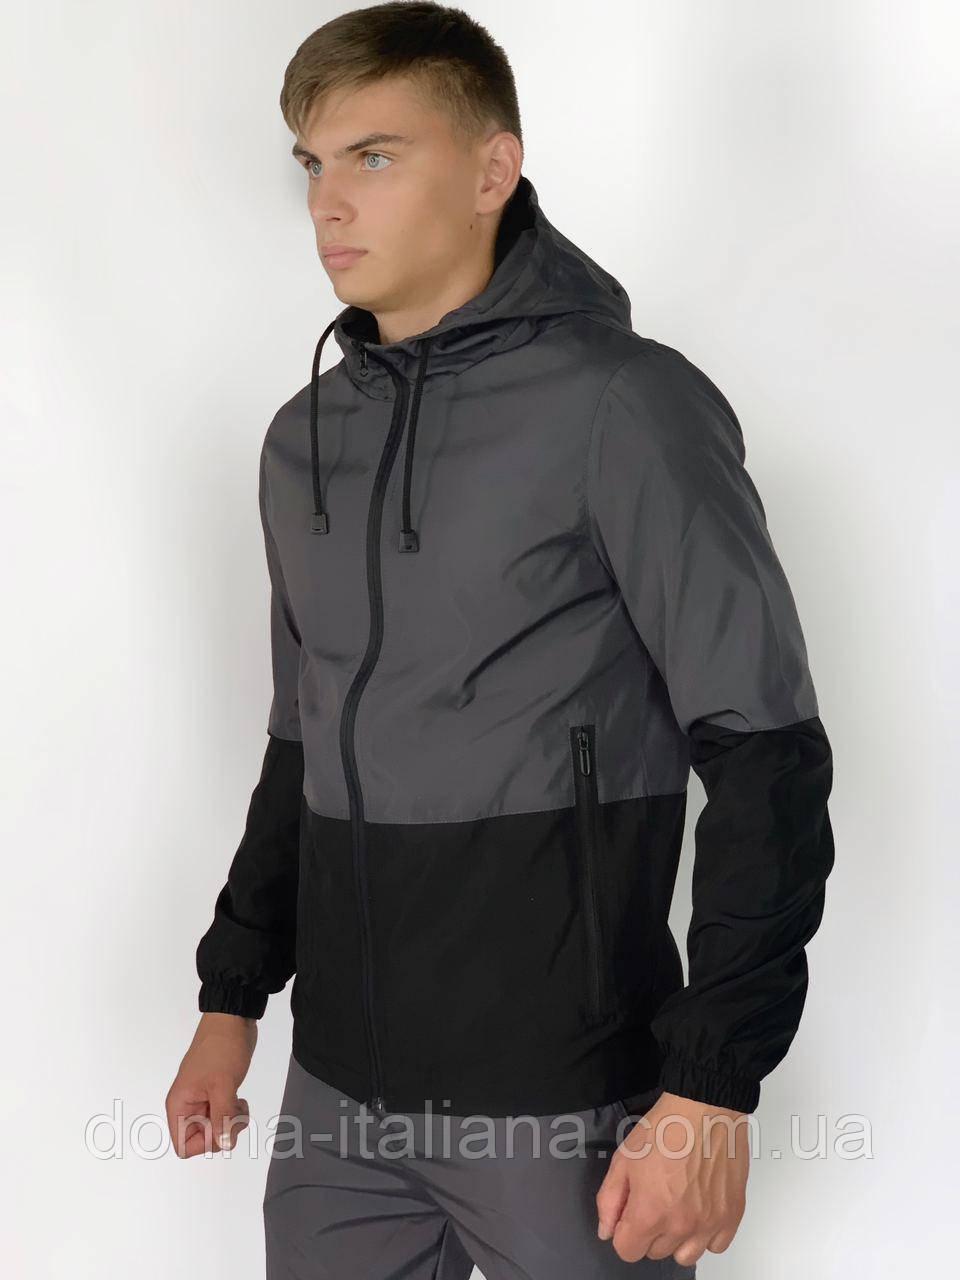 Куртка Softshell light Intruder S Сіро-чорна ( 1589539732)